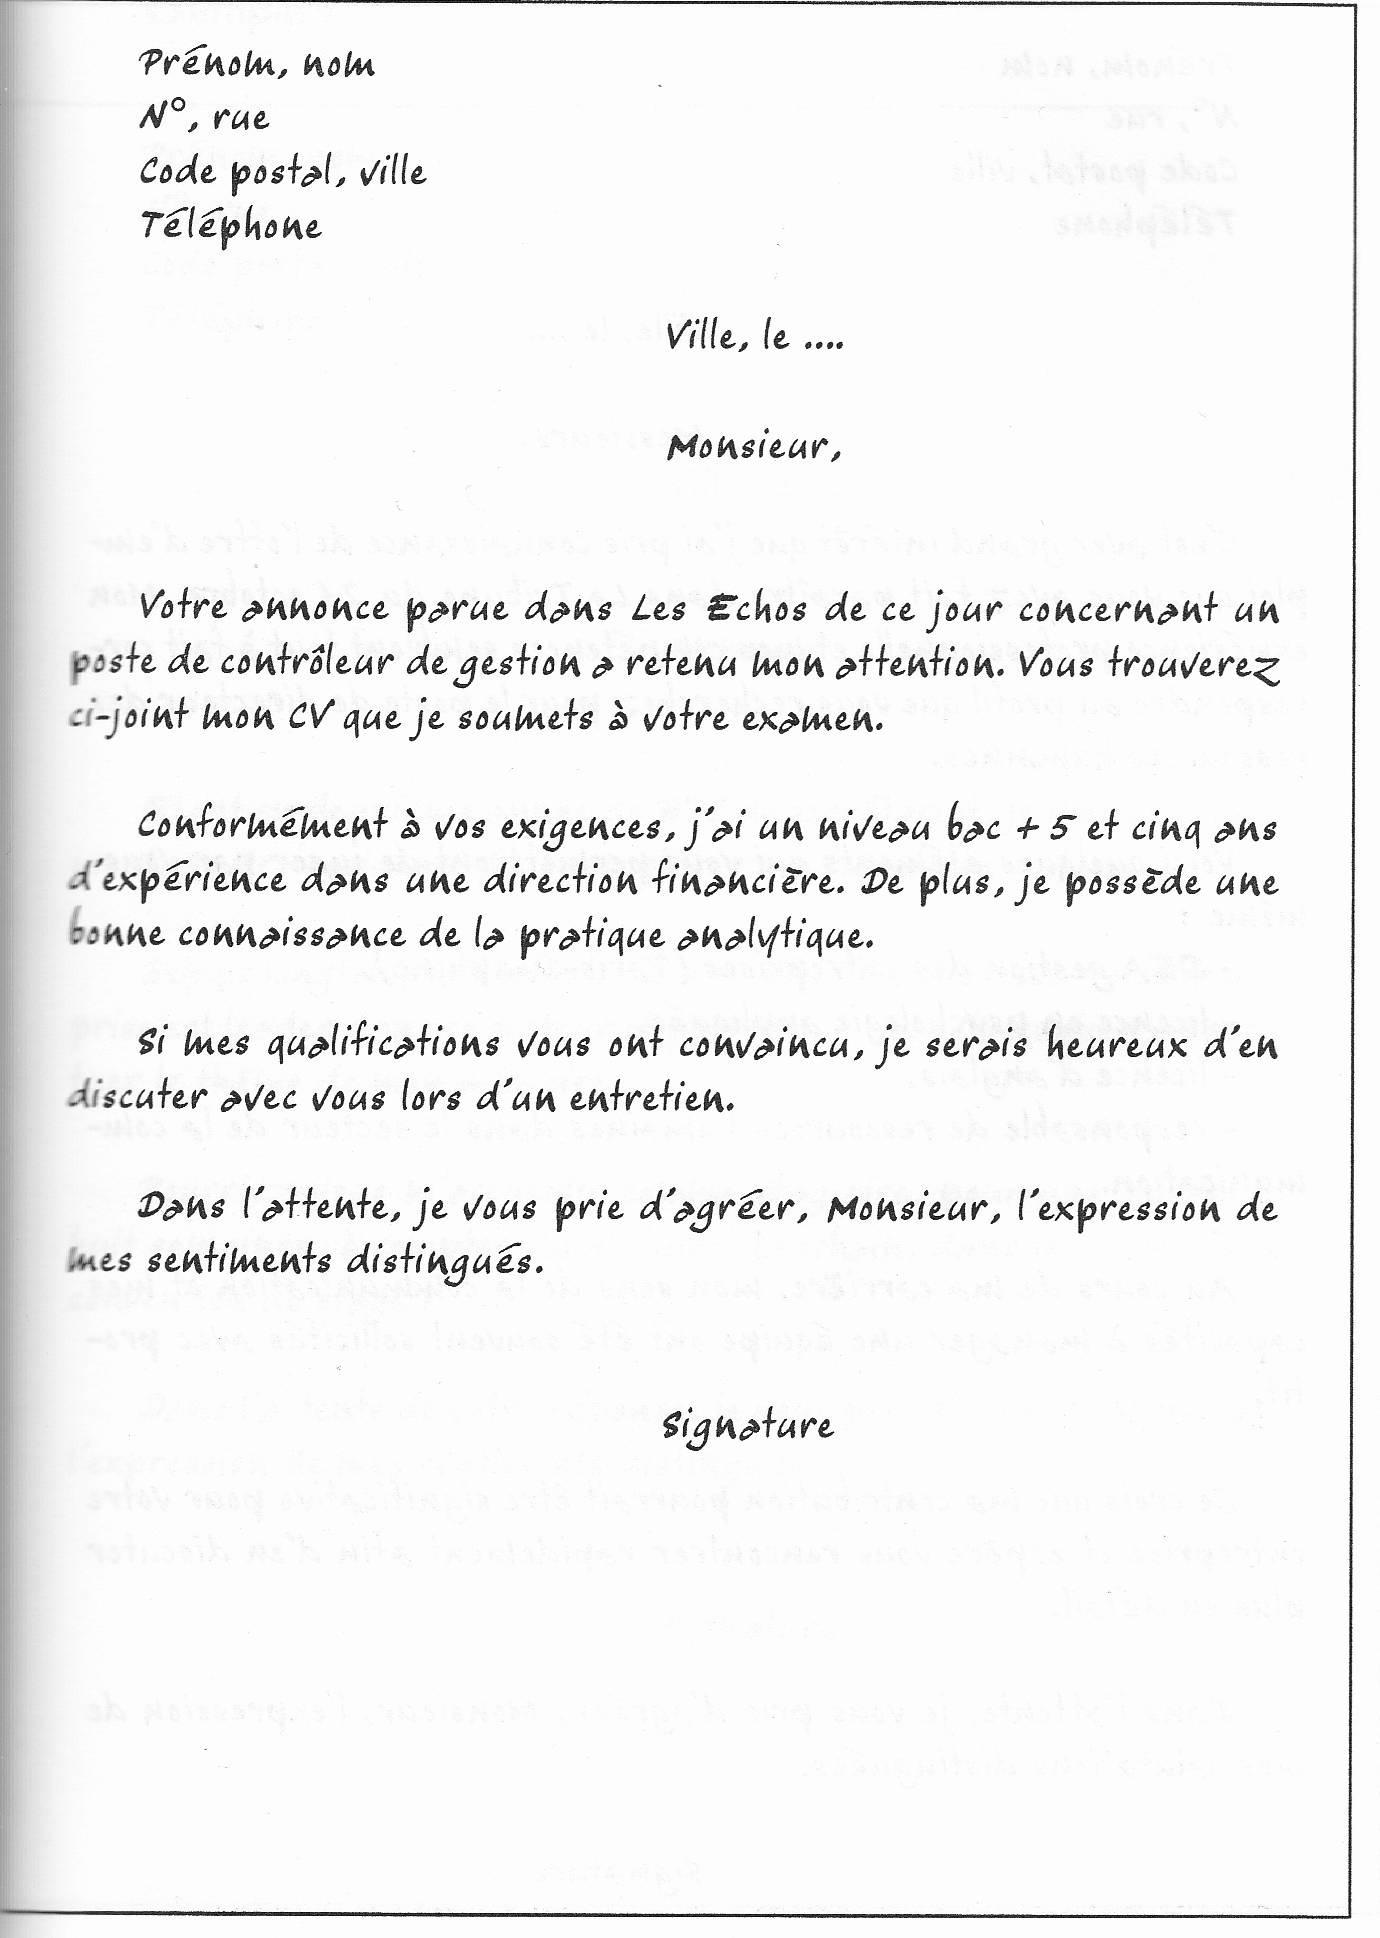 lettre de motivation technicien de laboratoire d u0026 39 analyse